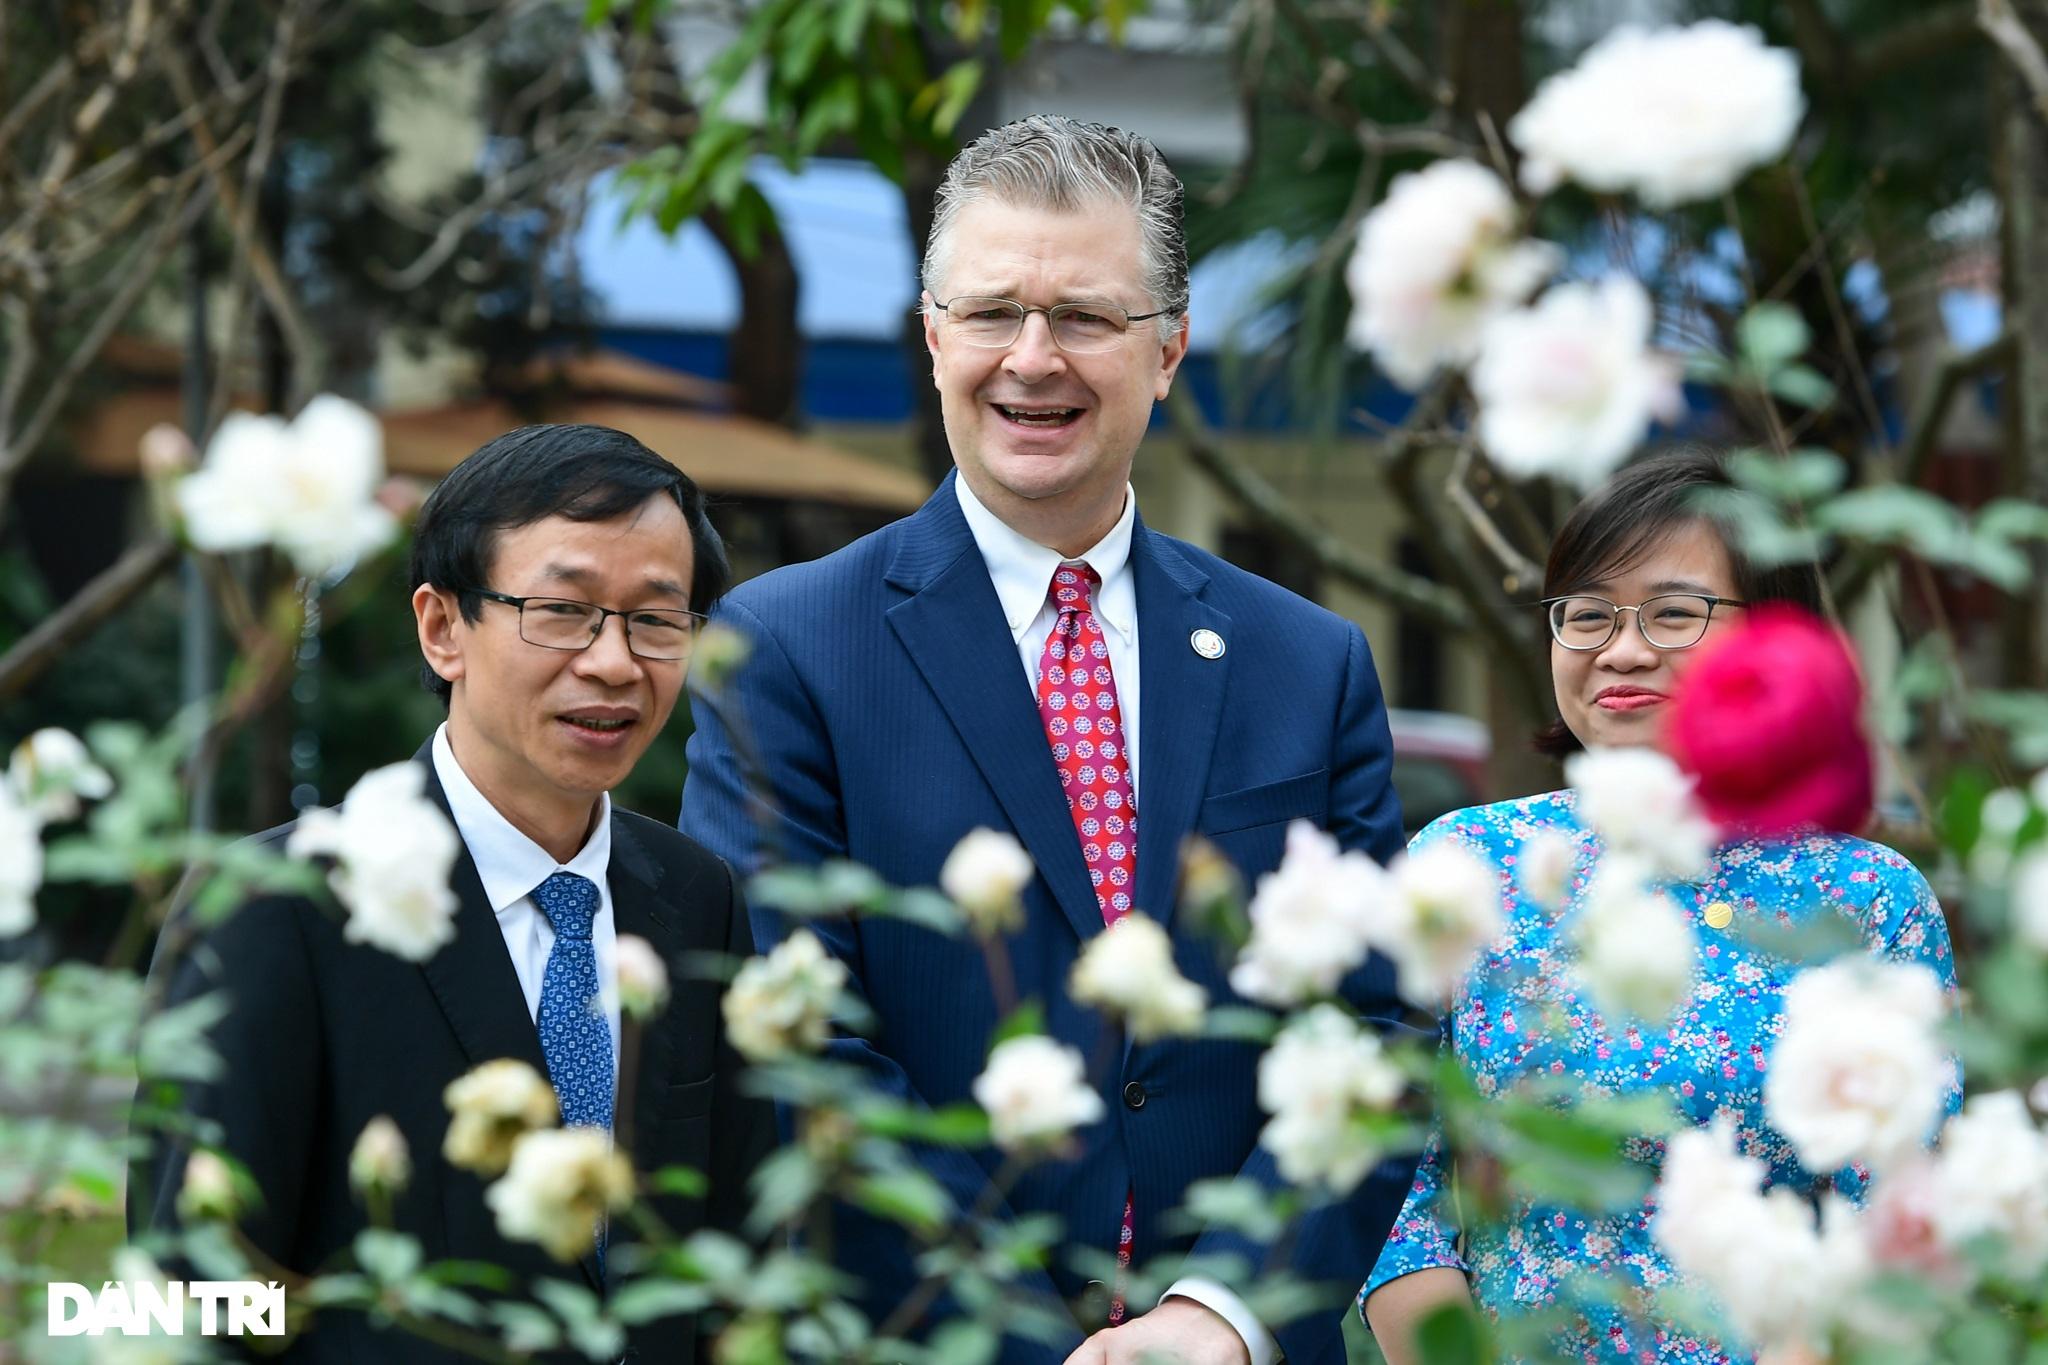 Đại sứ Hoa Kỳ tại Việt Nam tặng cây đào tự tay ghép cho trường ĐHSP Hà Nội - 10